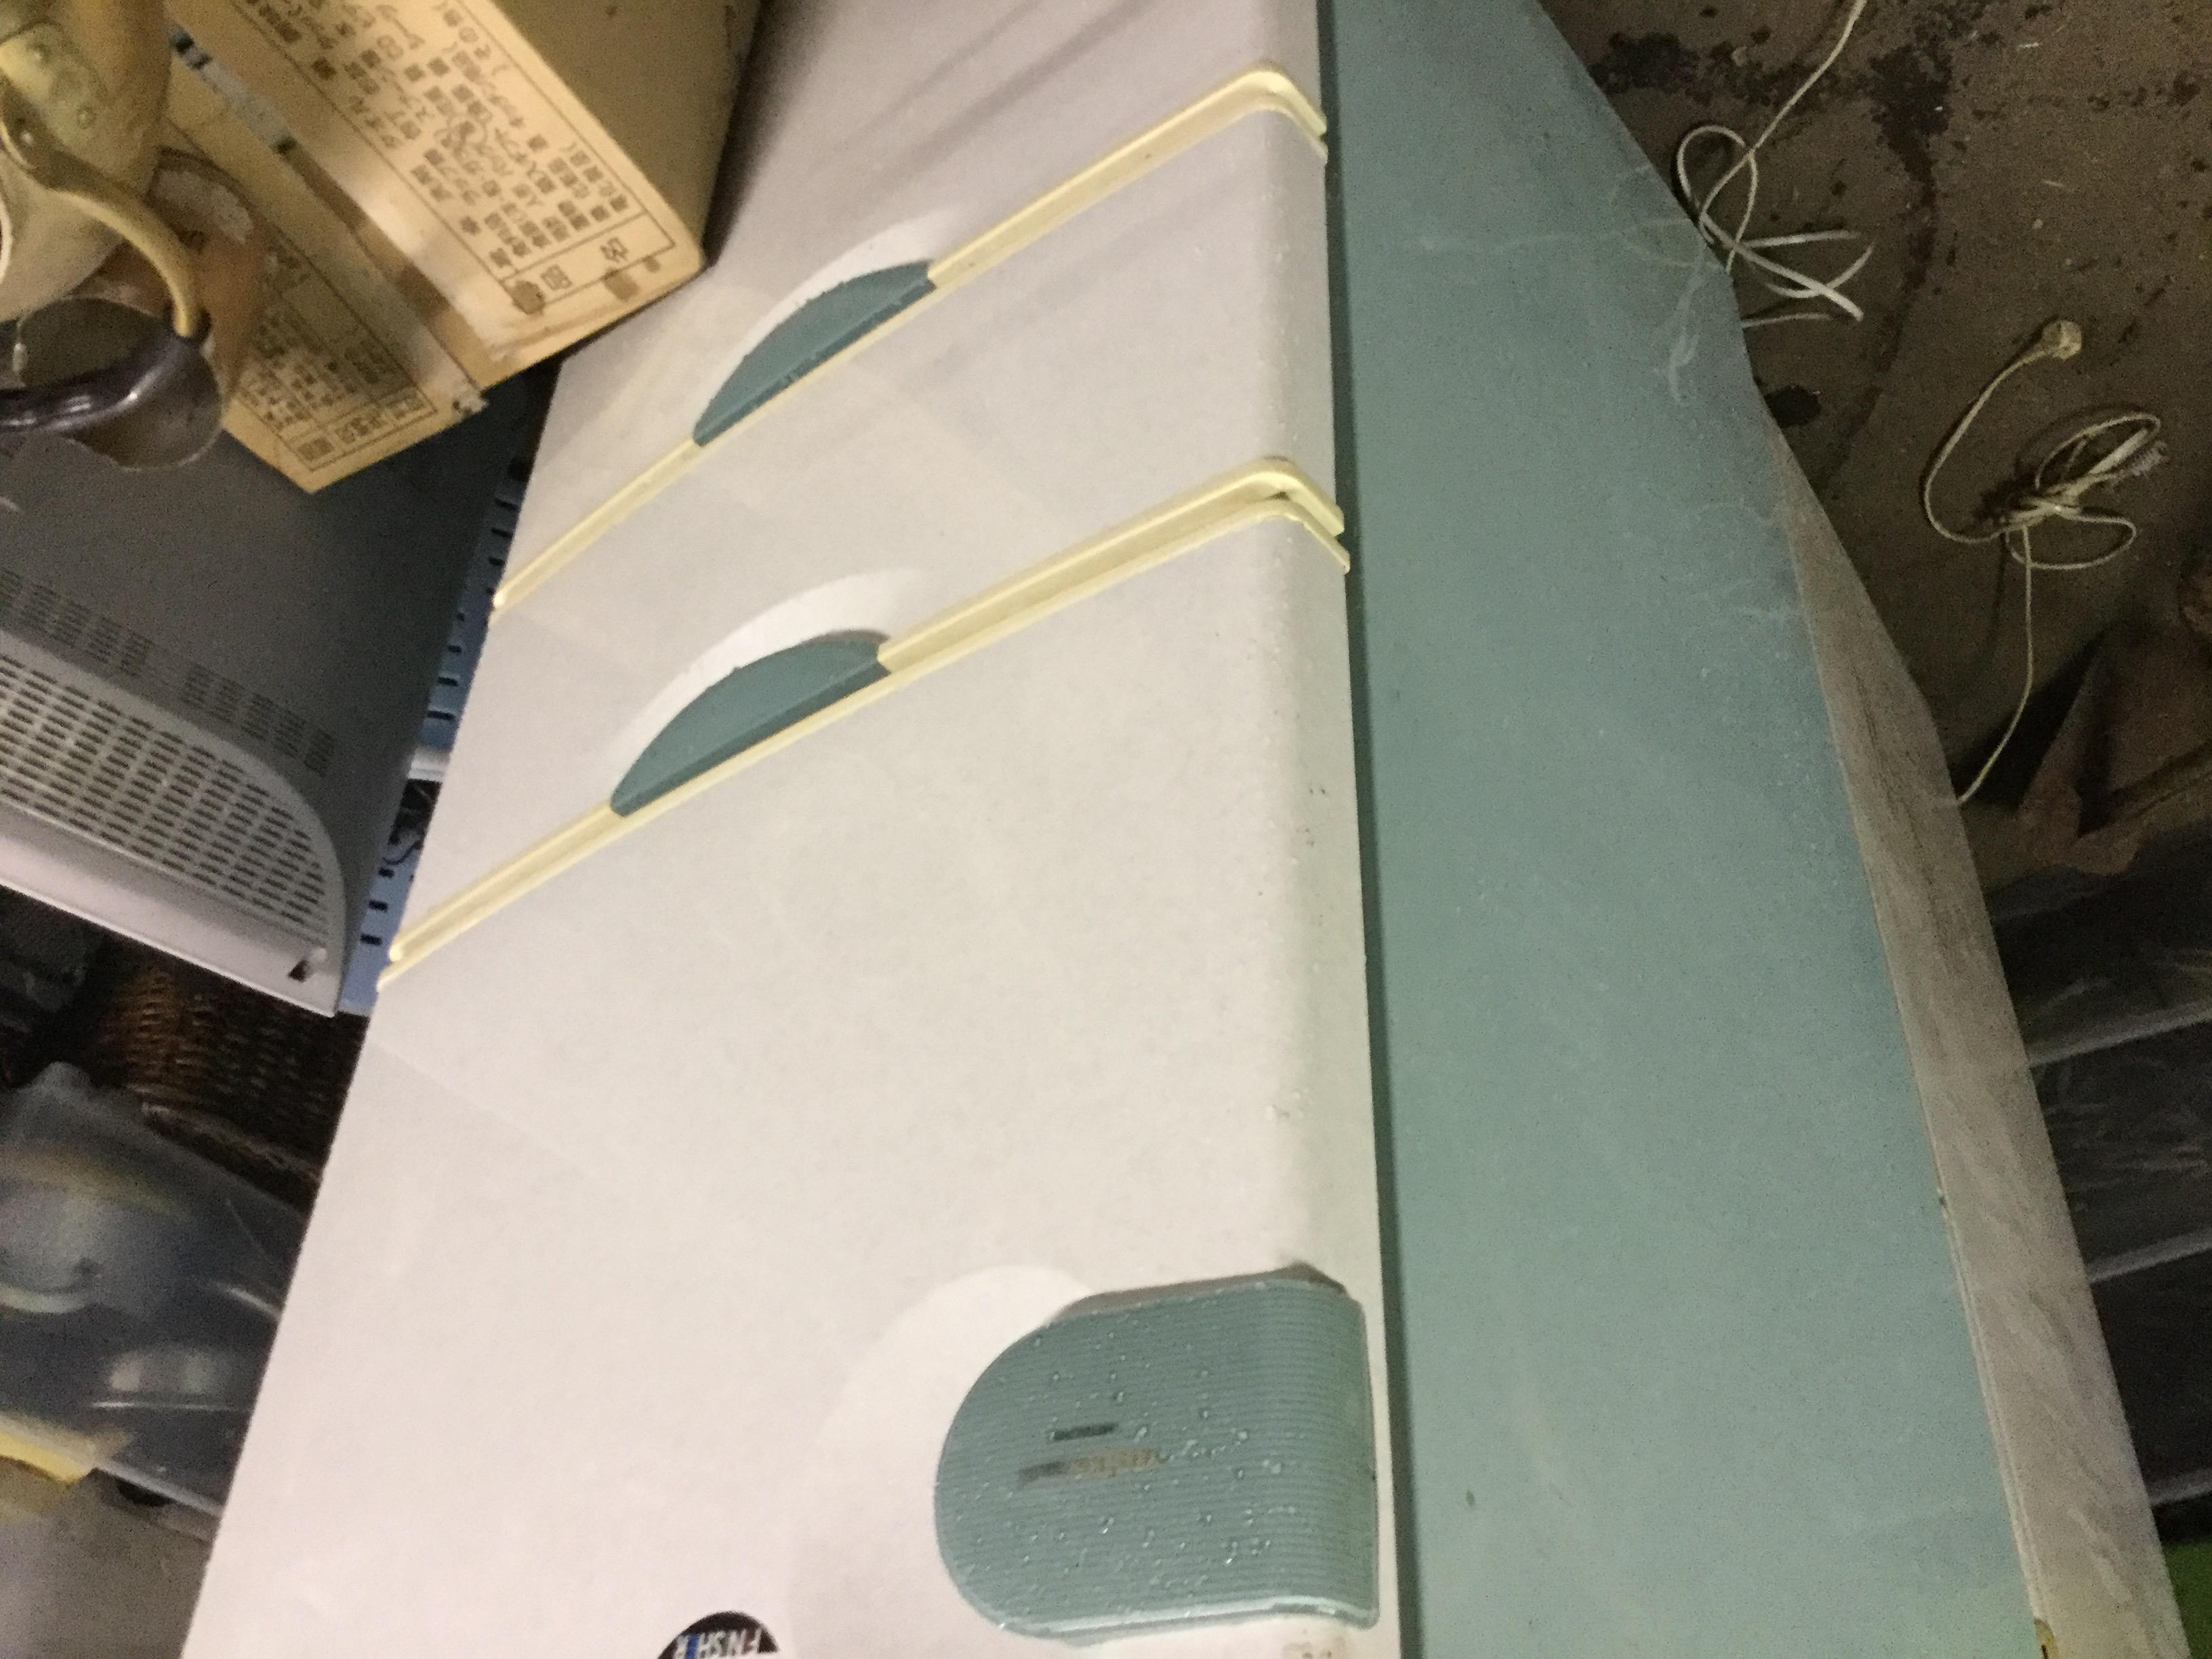 福山市東深津町付近で回収した冷蔵庫